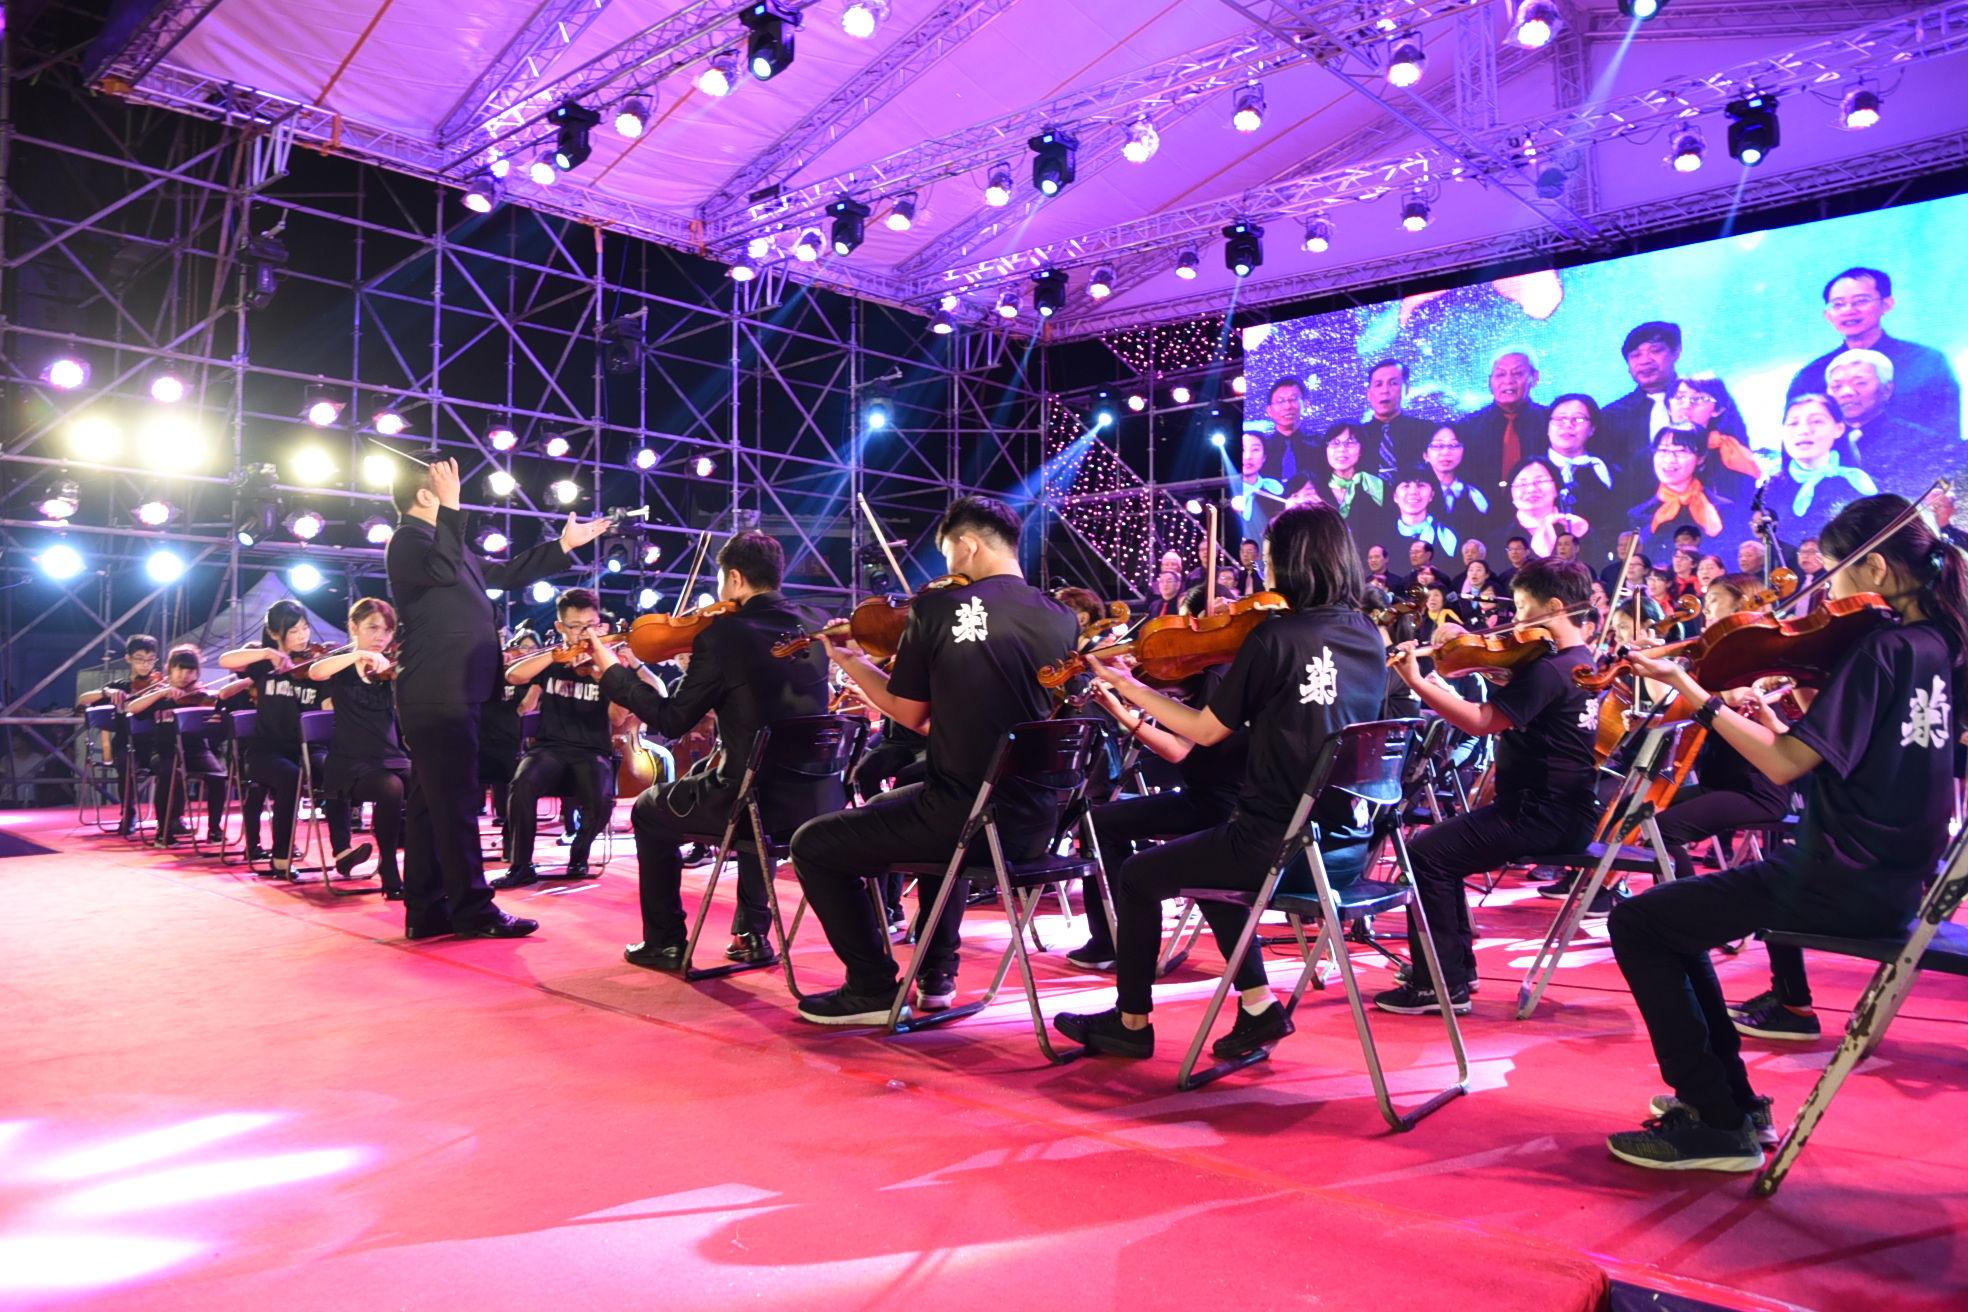 澎湖縣青少年交響樂、文化局合唱團及海翁合唱團合作演唱「澎湖頌」